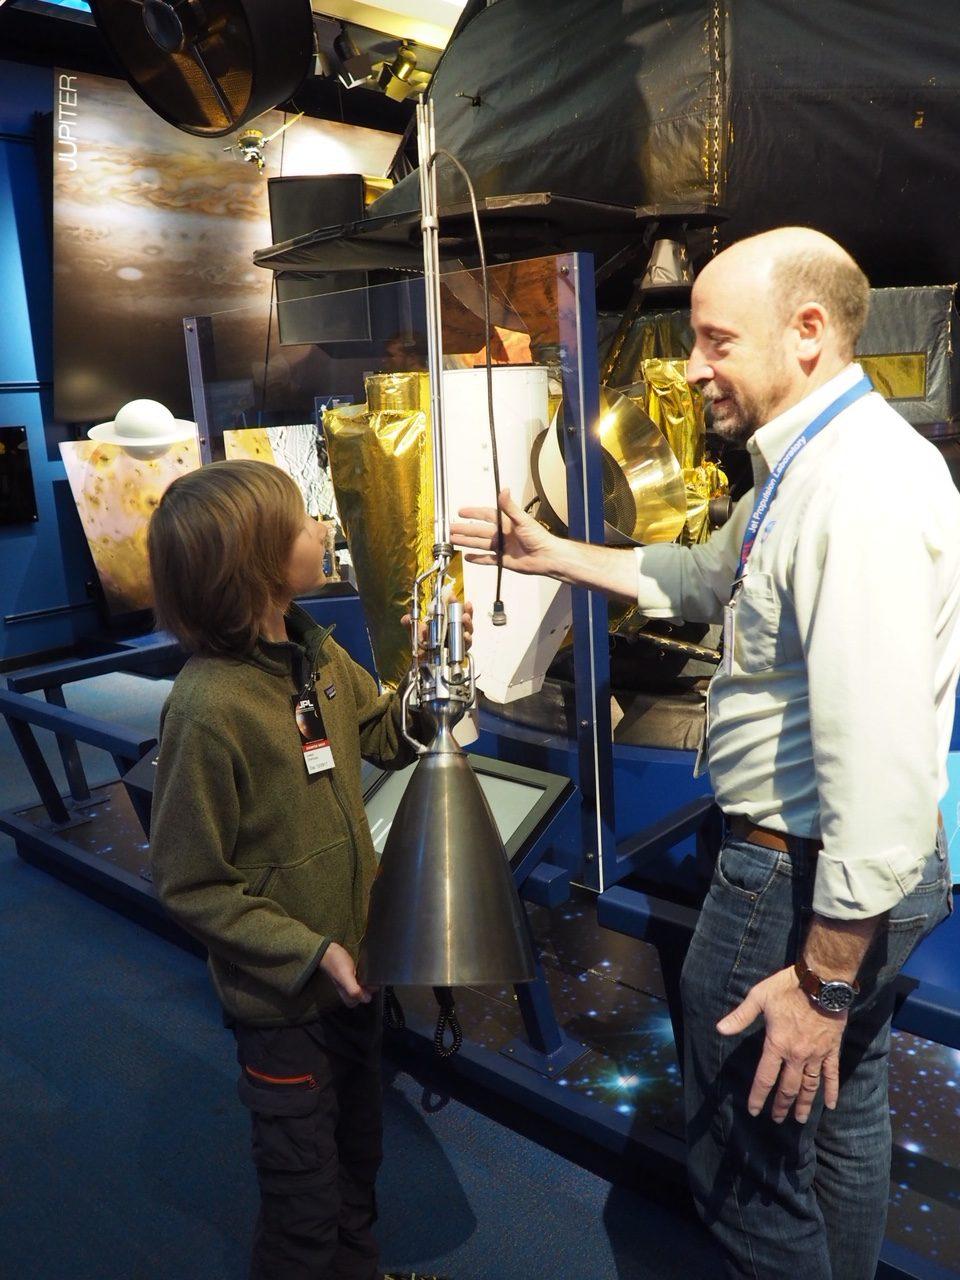 La tuyère de la sonde spatiale Galiléo